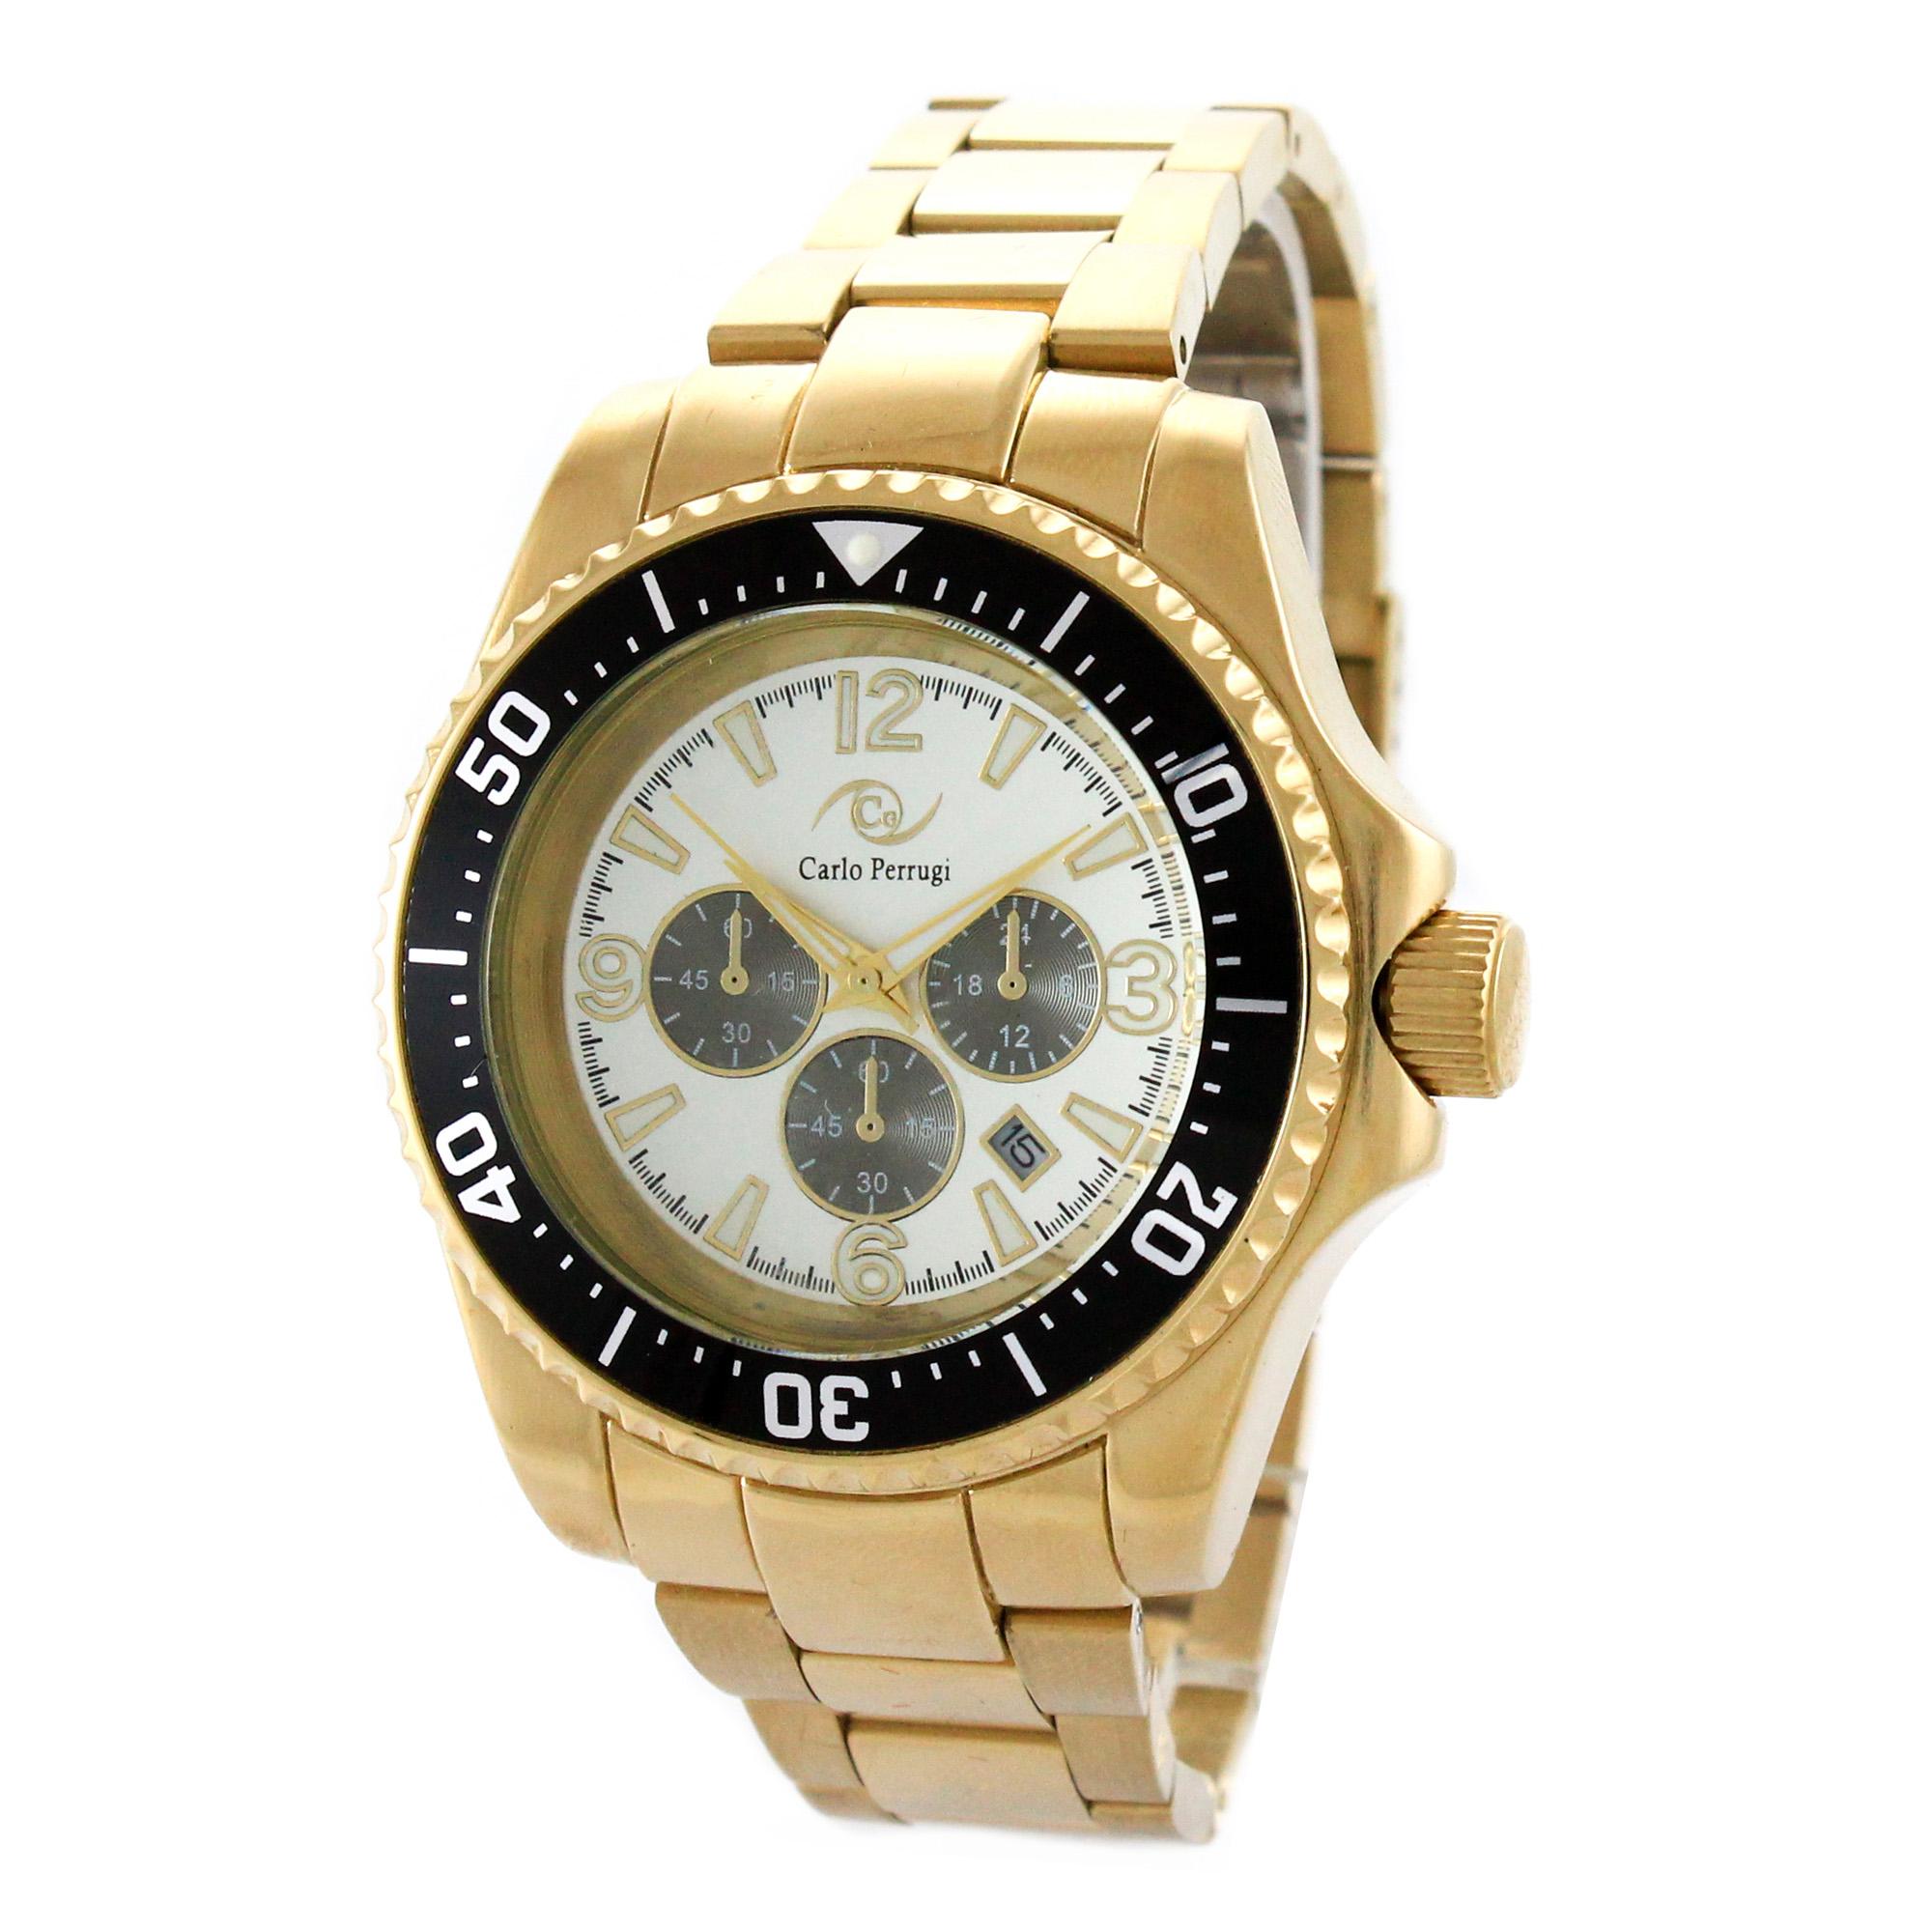 ساعت مچی عقربه ای مردانه کارلو پروجی مدل G8998-1